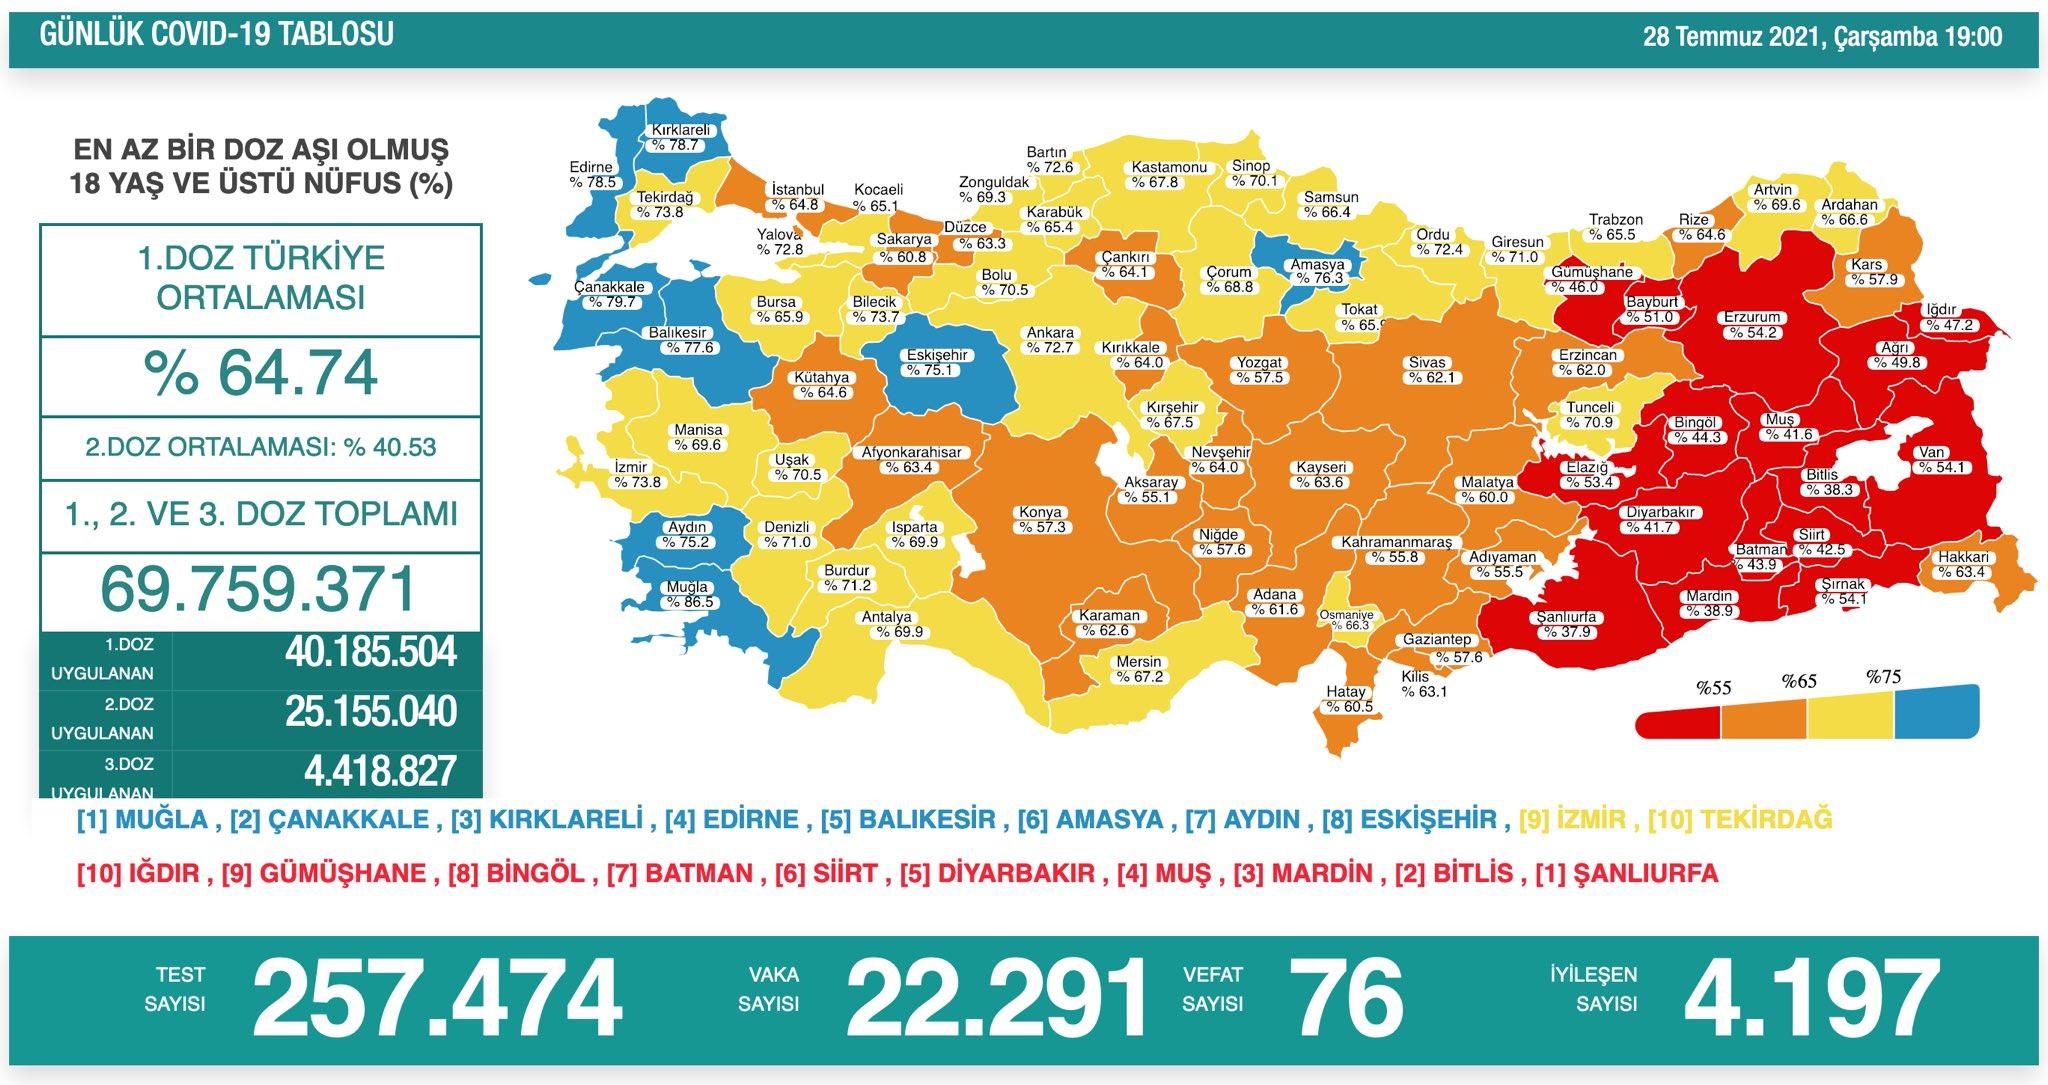 28 Temmuz 2021 Türkiye Koronavirüs Tablosu Açıkladı